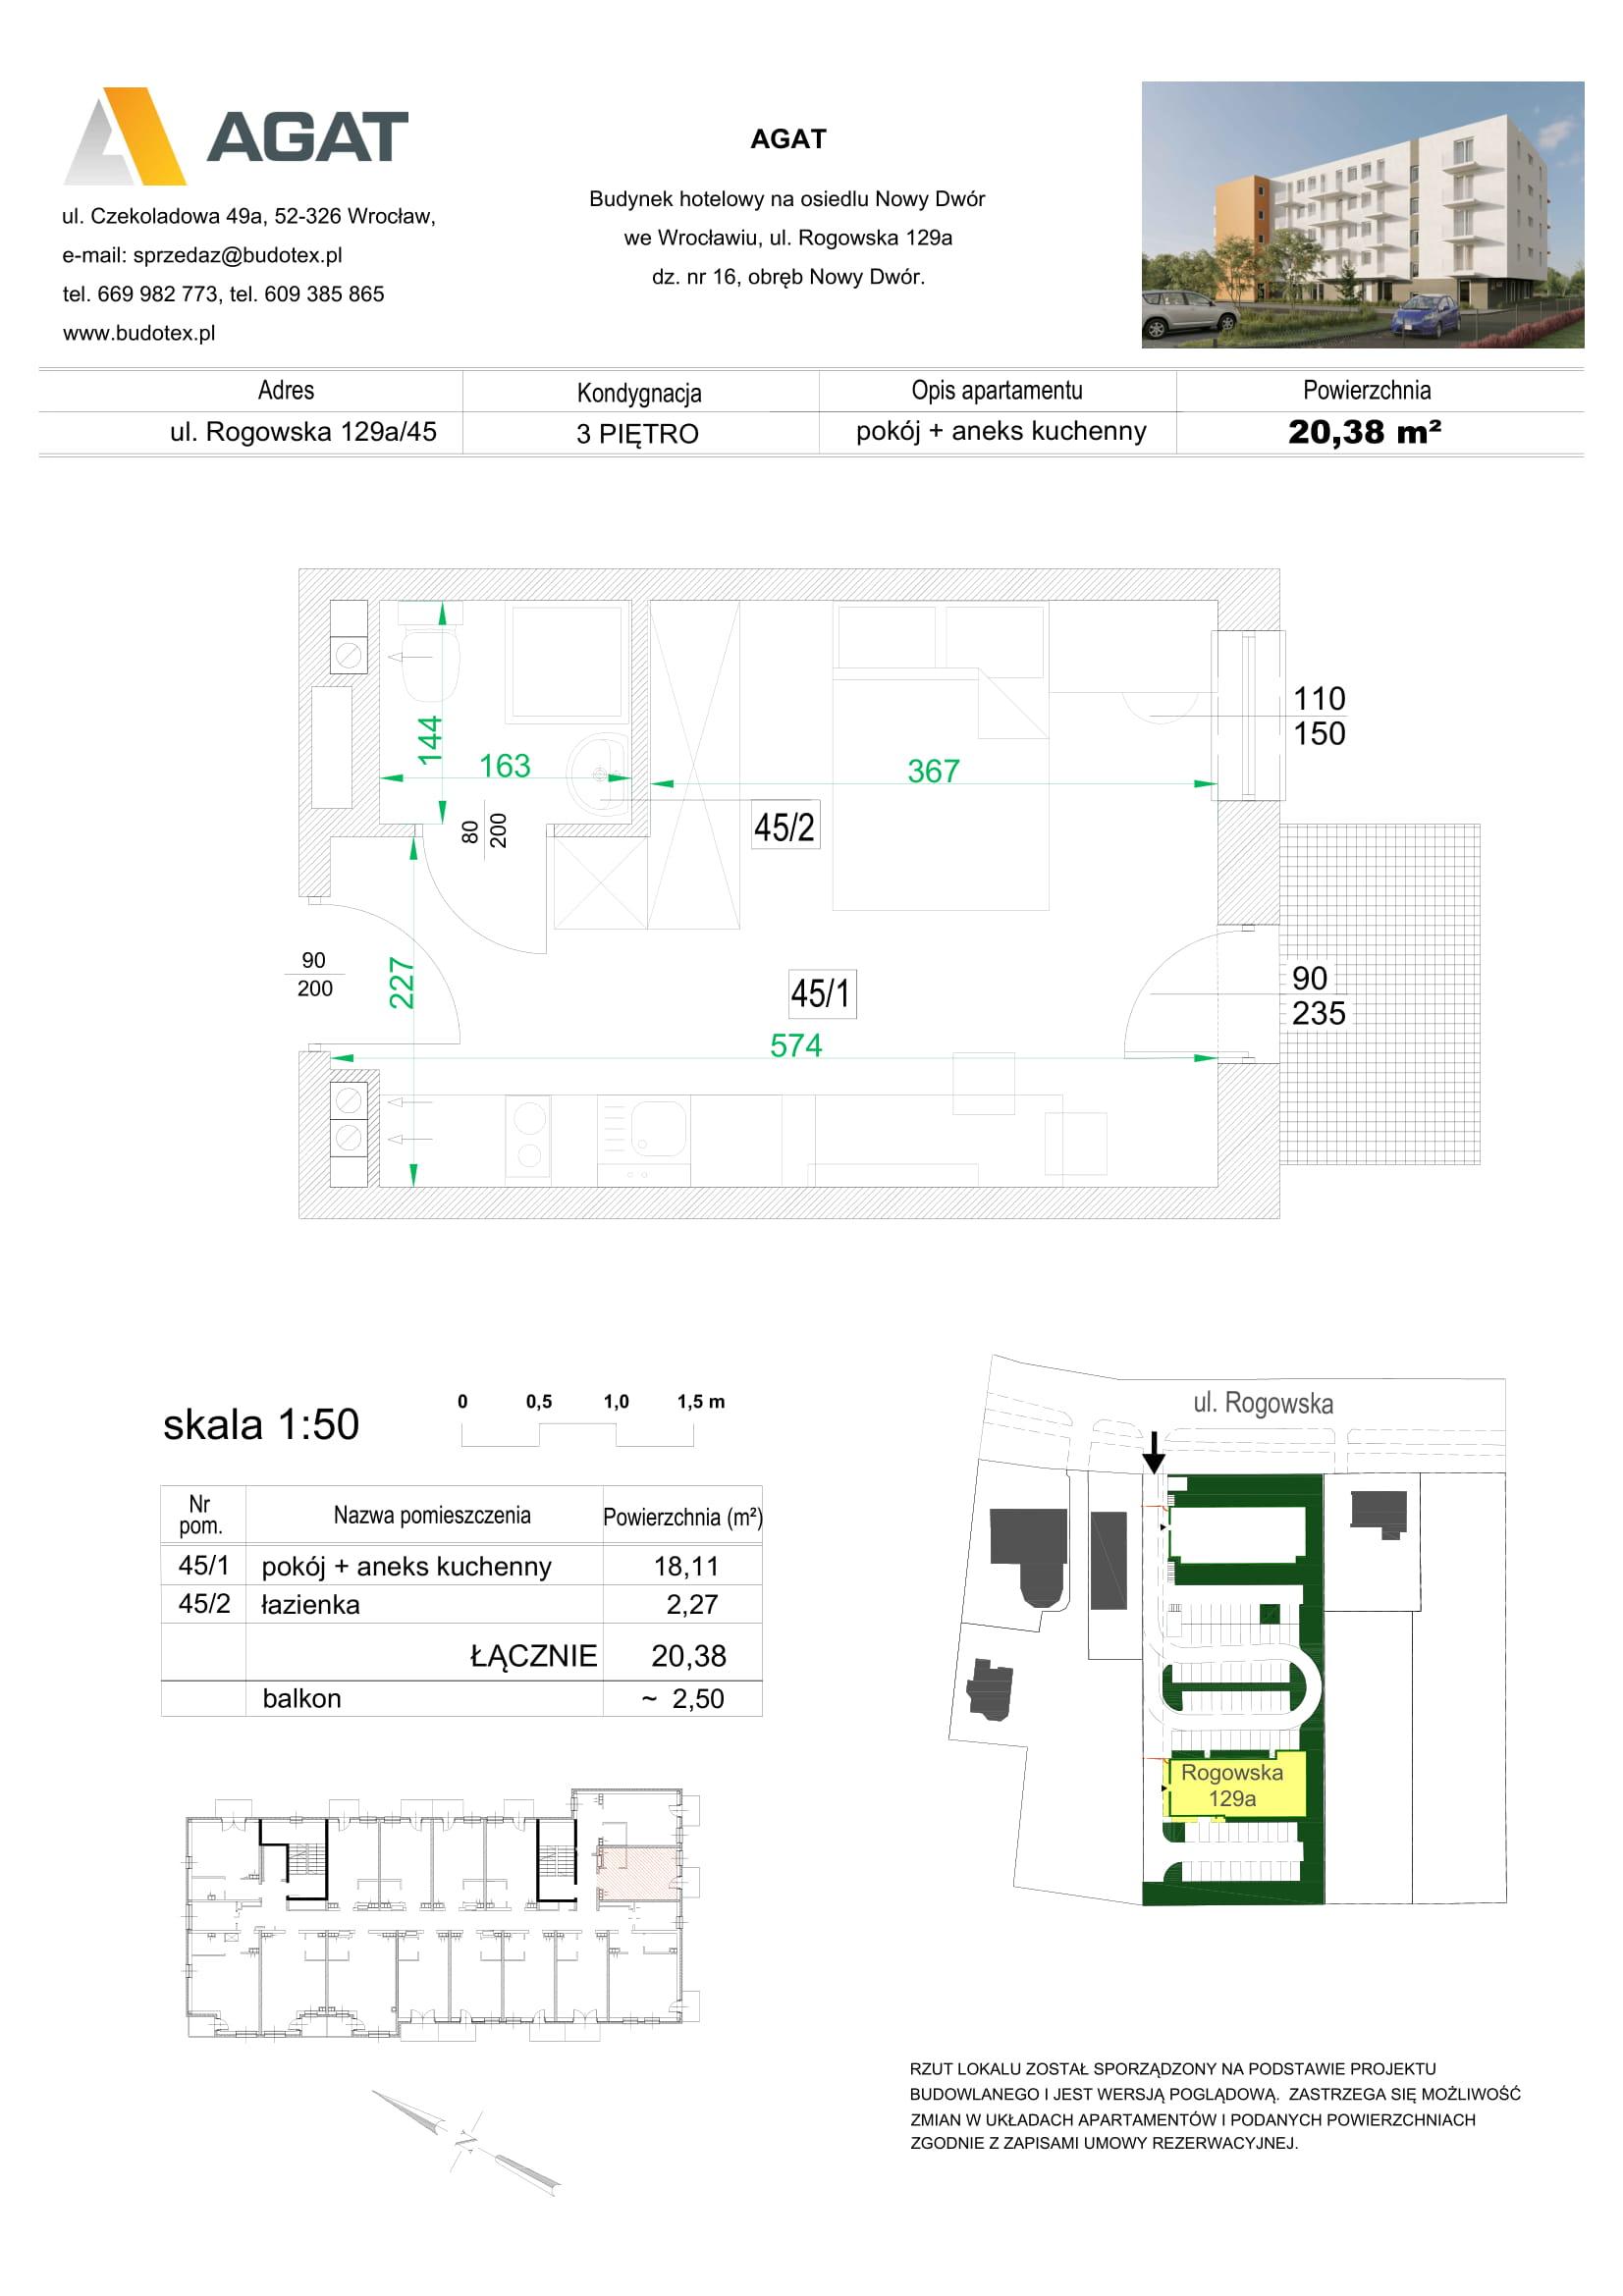 Mieszkanie nr 45